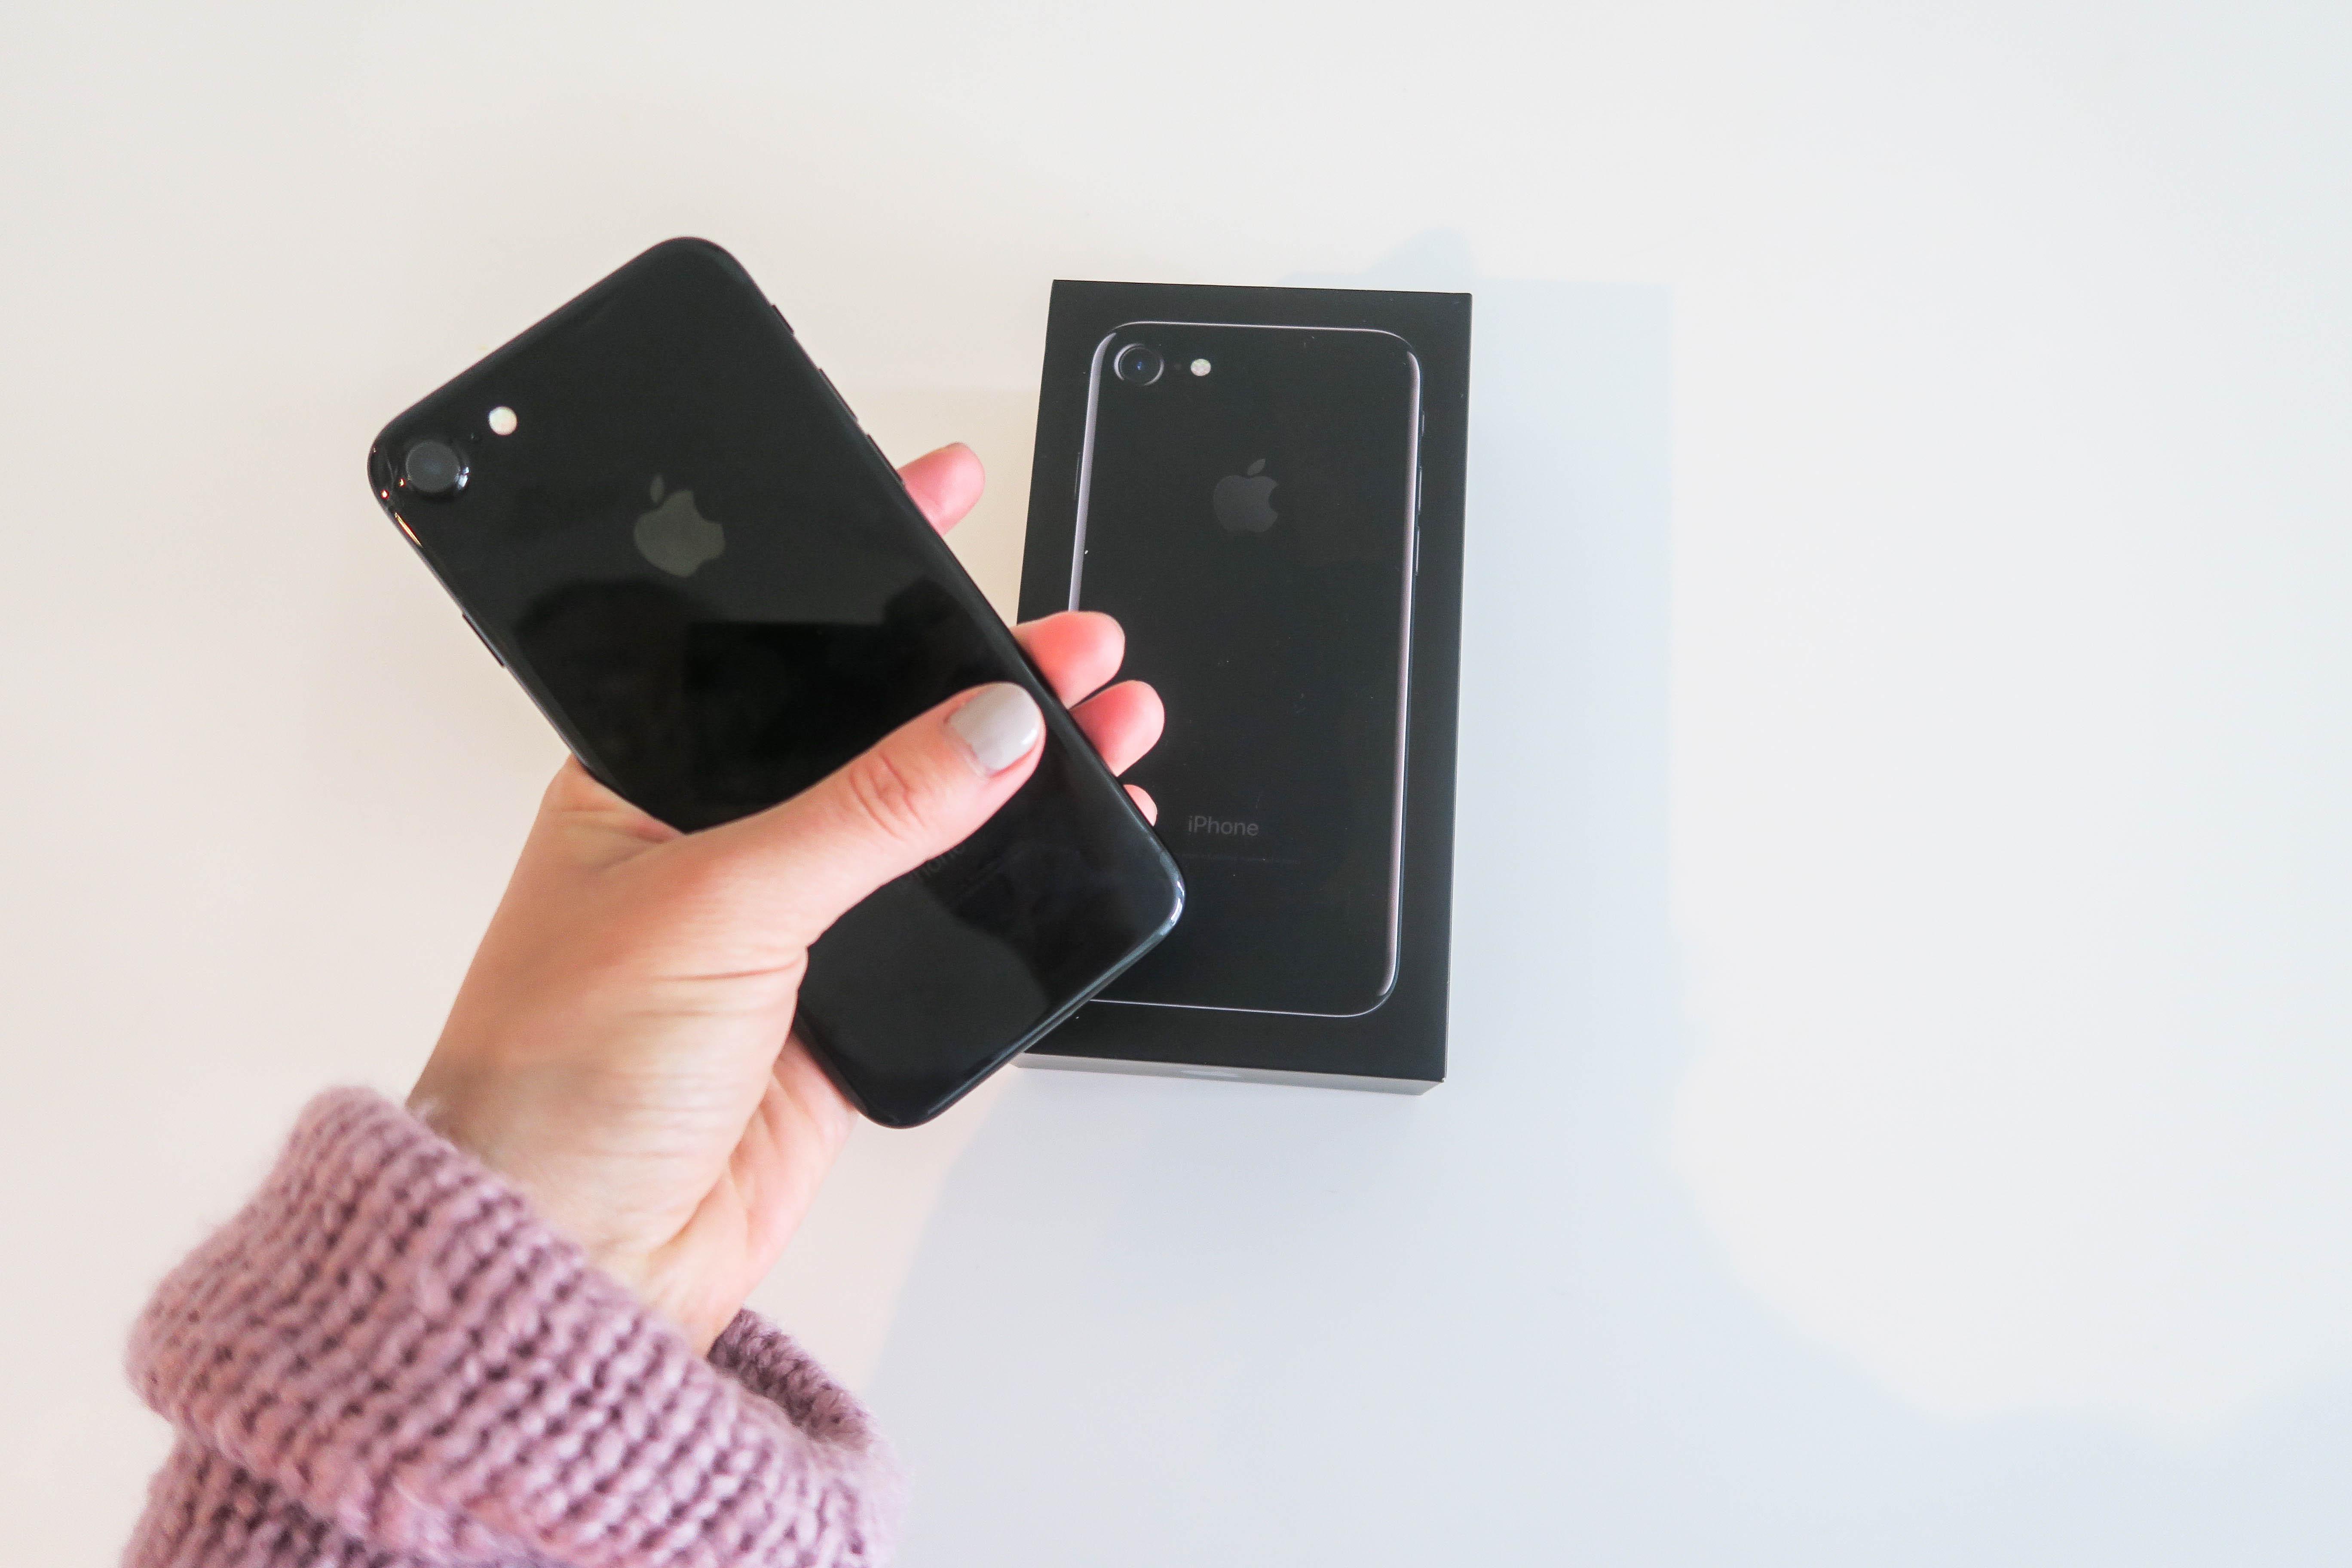 iphone1 (1 av 1)